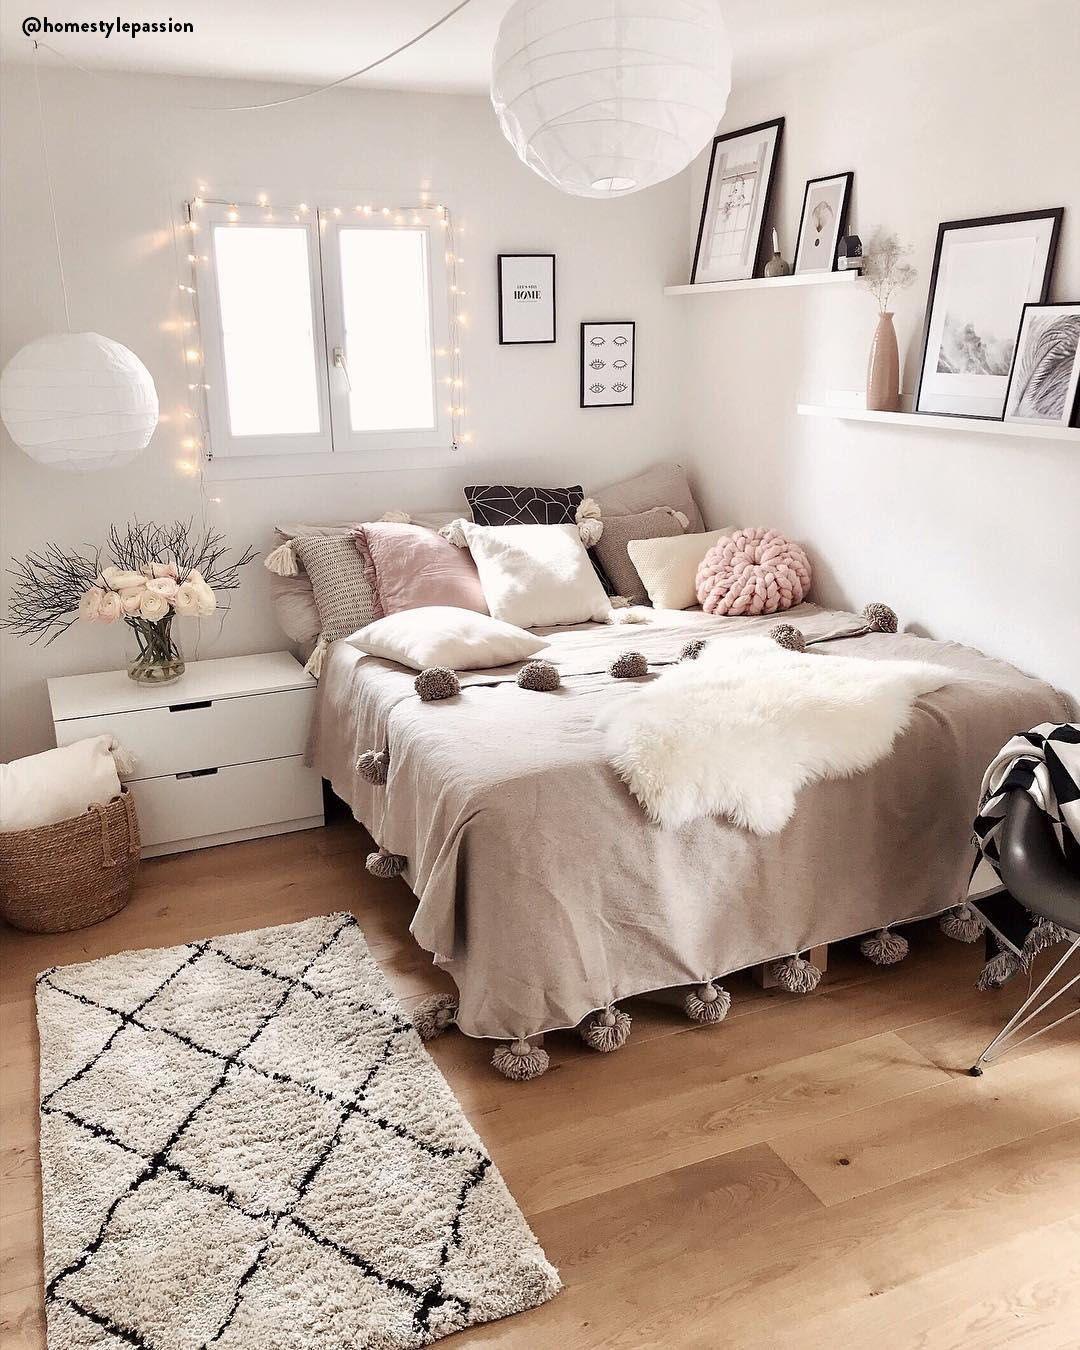 Full Size of Teppich Schlafzimmer Handgetufteter Naima Einrichten Lampen Massivholz Sitzbank Set Weiß Komplett Poco Landhausstil Landhaus Truhe Regal Wandlampe Wohnzimmer Schlafzimmer Teppich Schlafzimmer